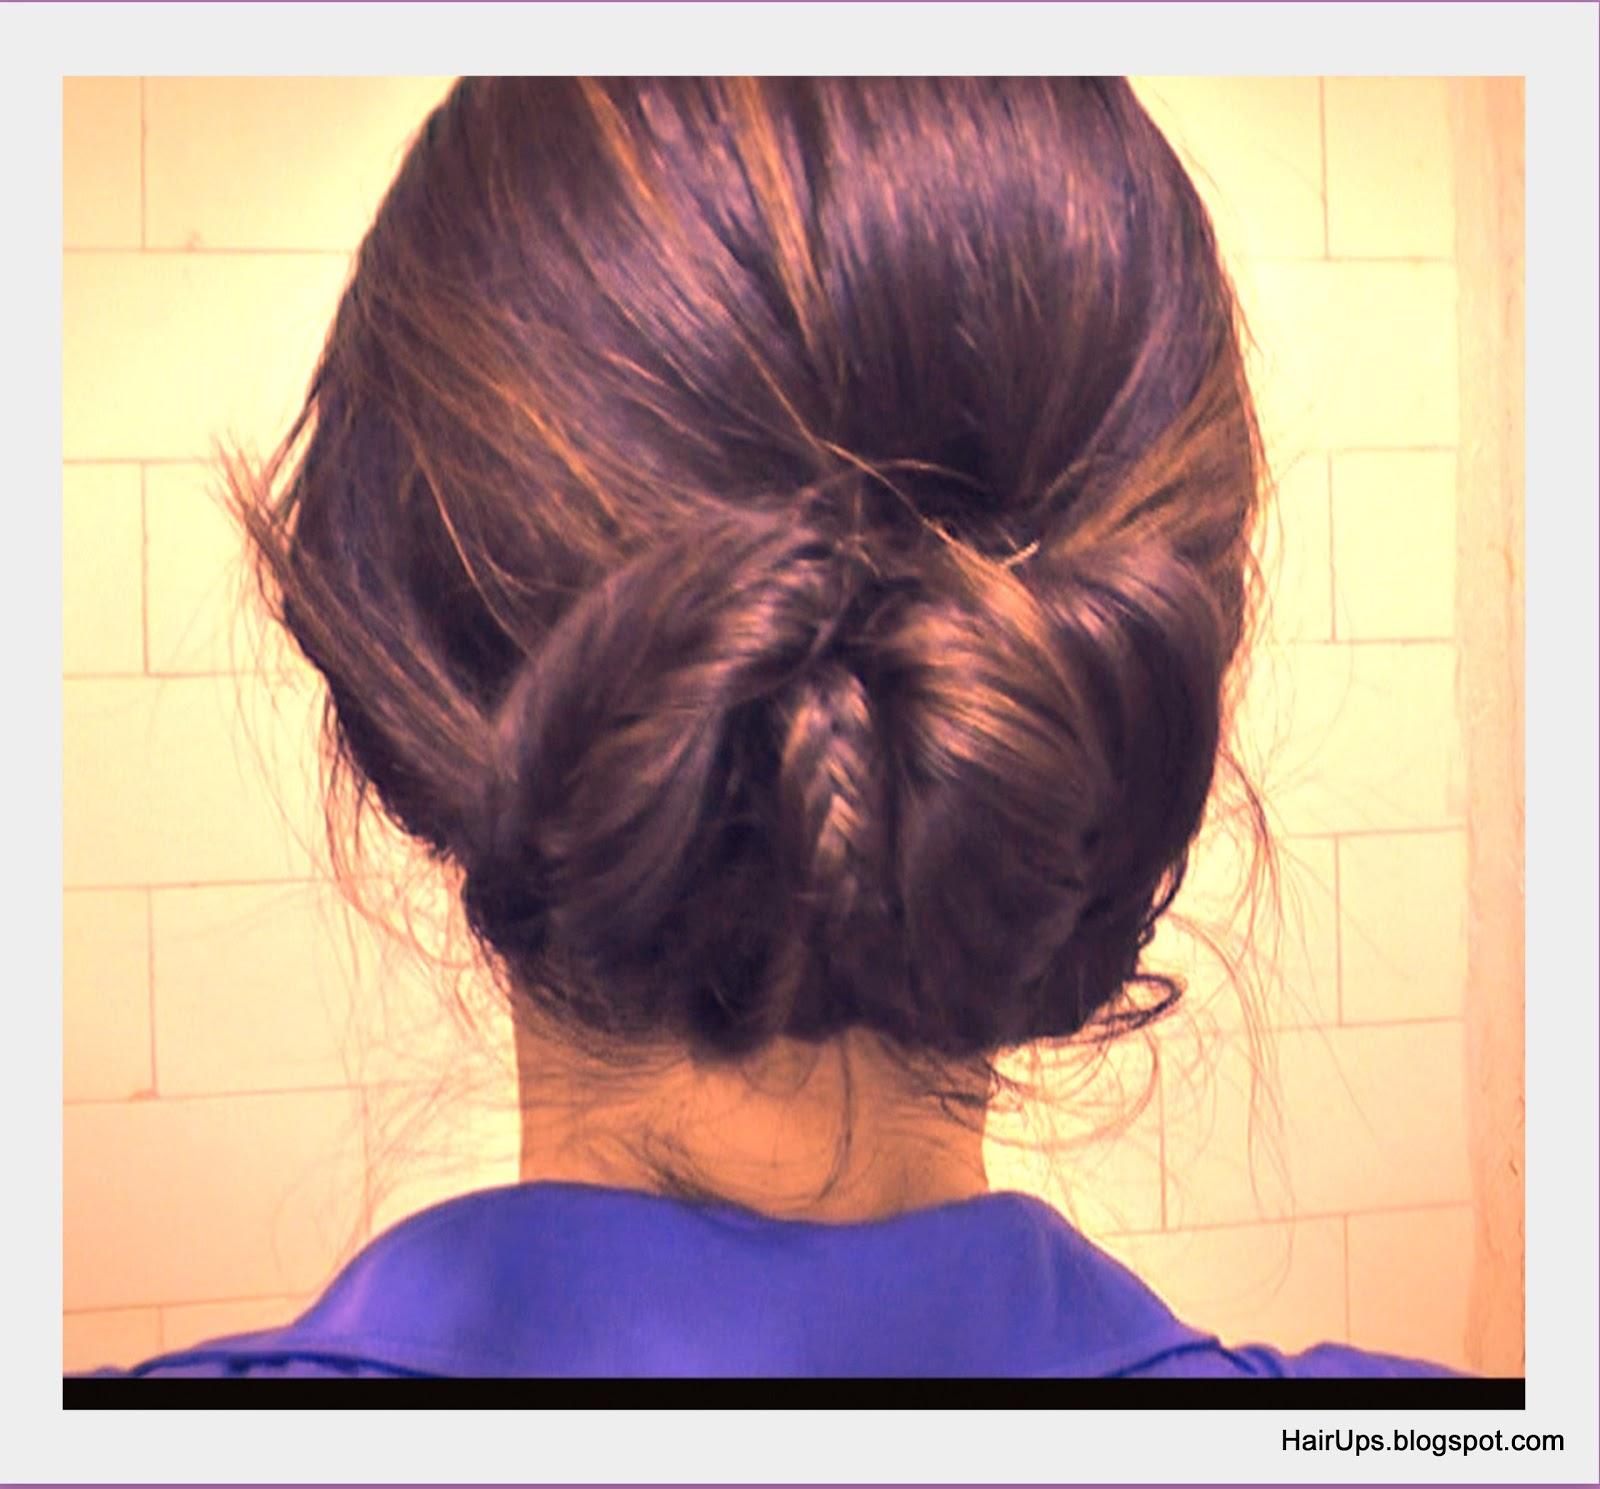 Easy Hairstyles, hair tutorial: Fishtail Braid Sock Bun Chignon Updo